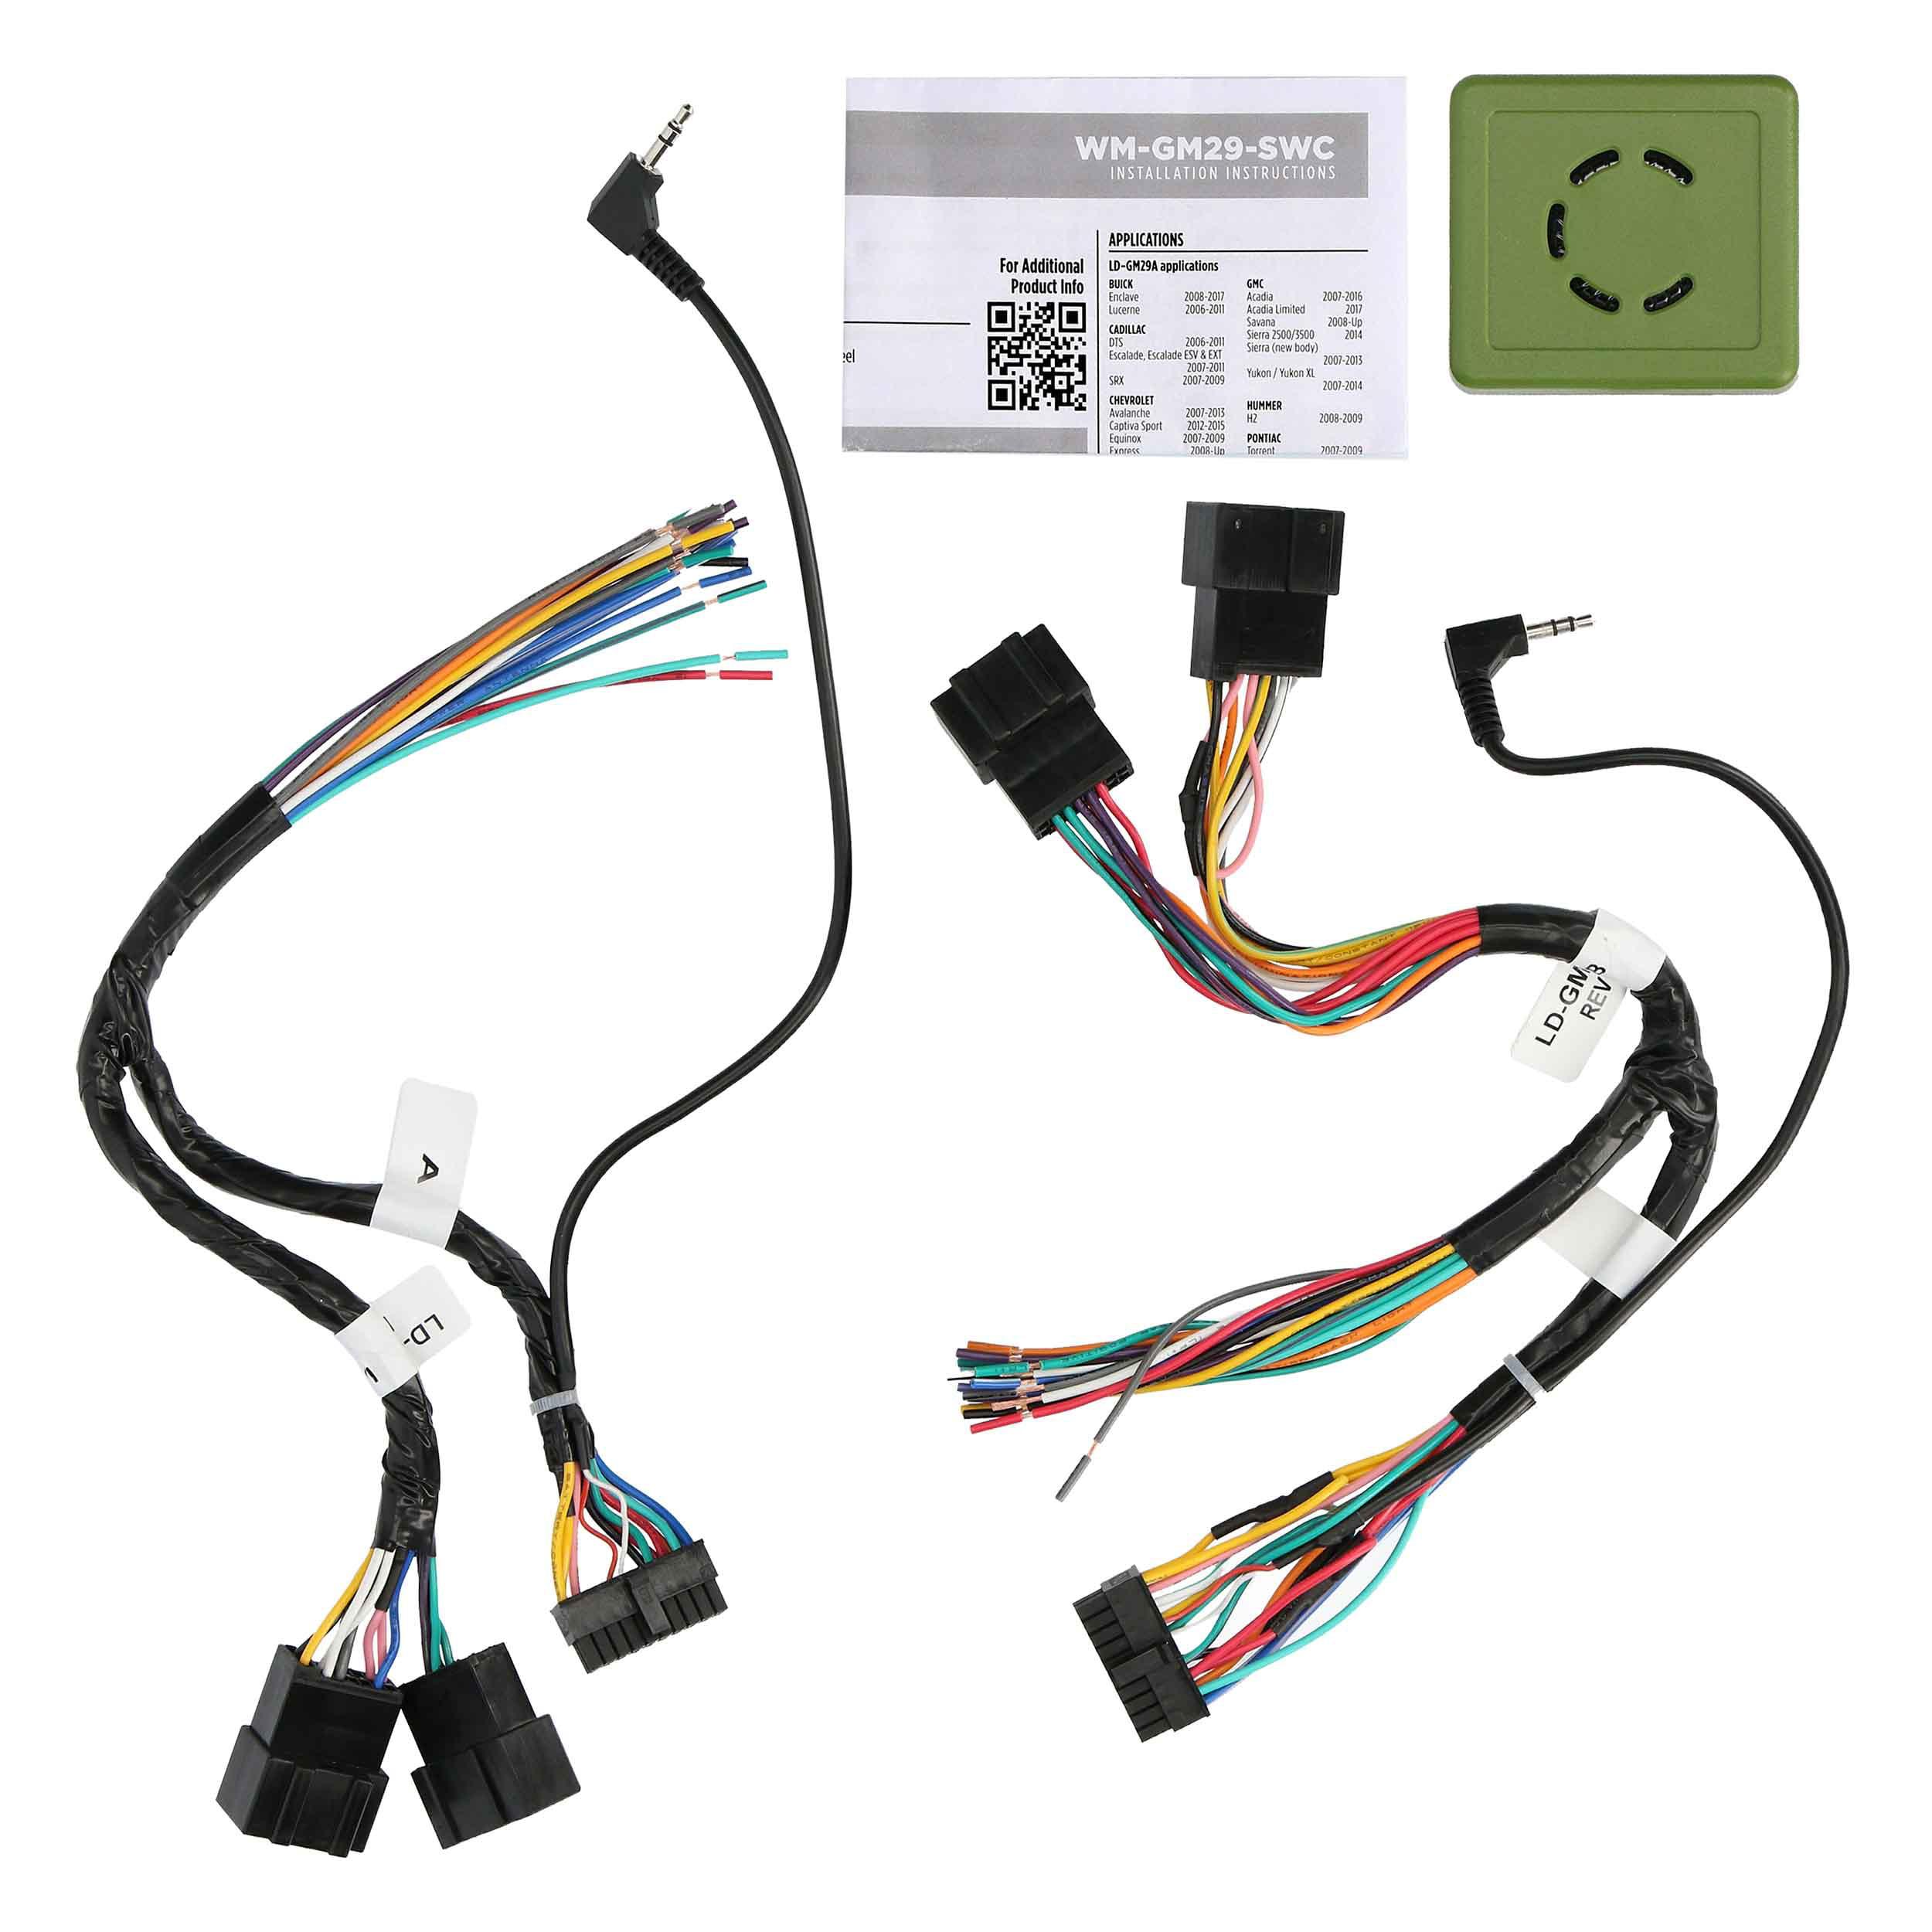 saturn aura wiring schematic 2009 saturn wiring diagram e3 wiring diagram  2009 saturn wiring diagram e3 wiring